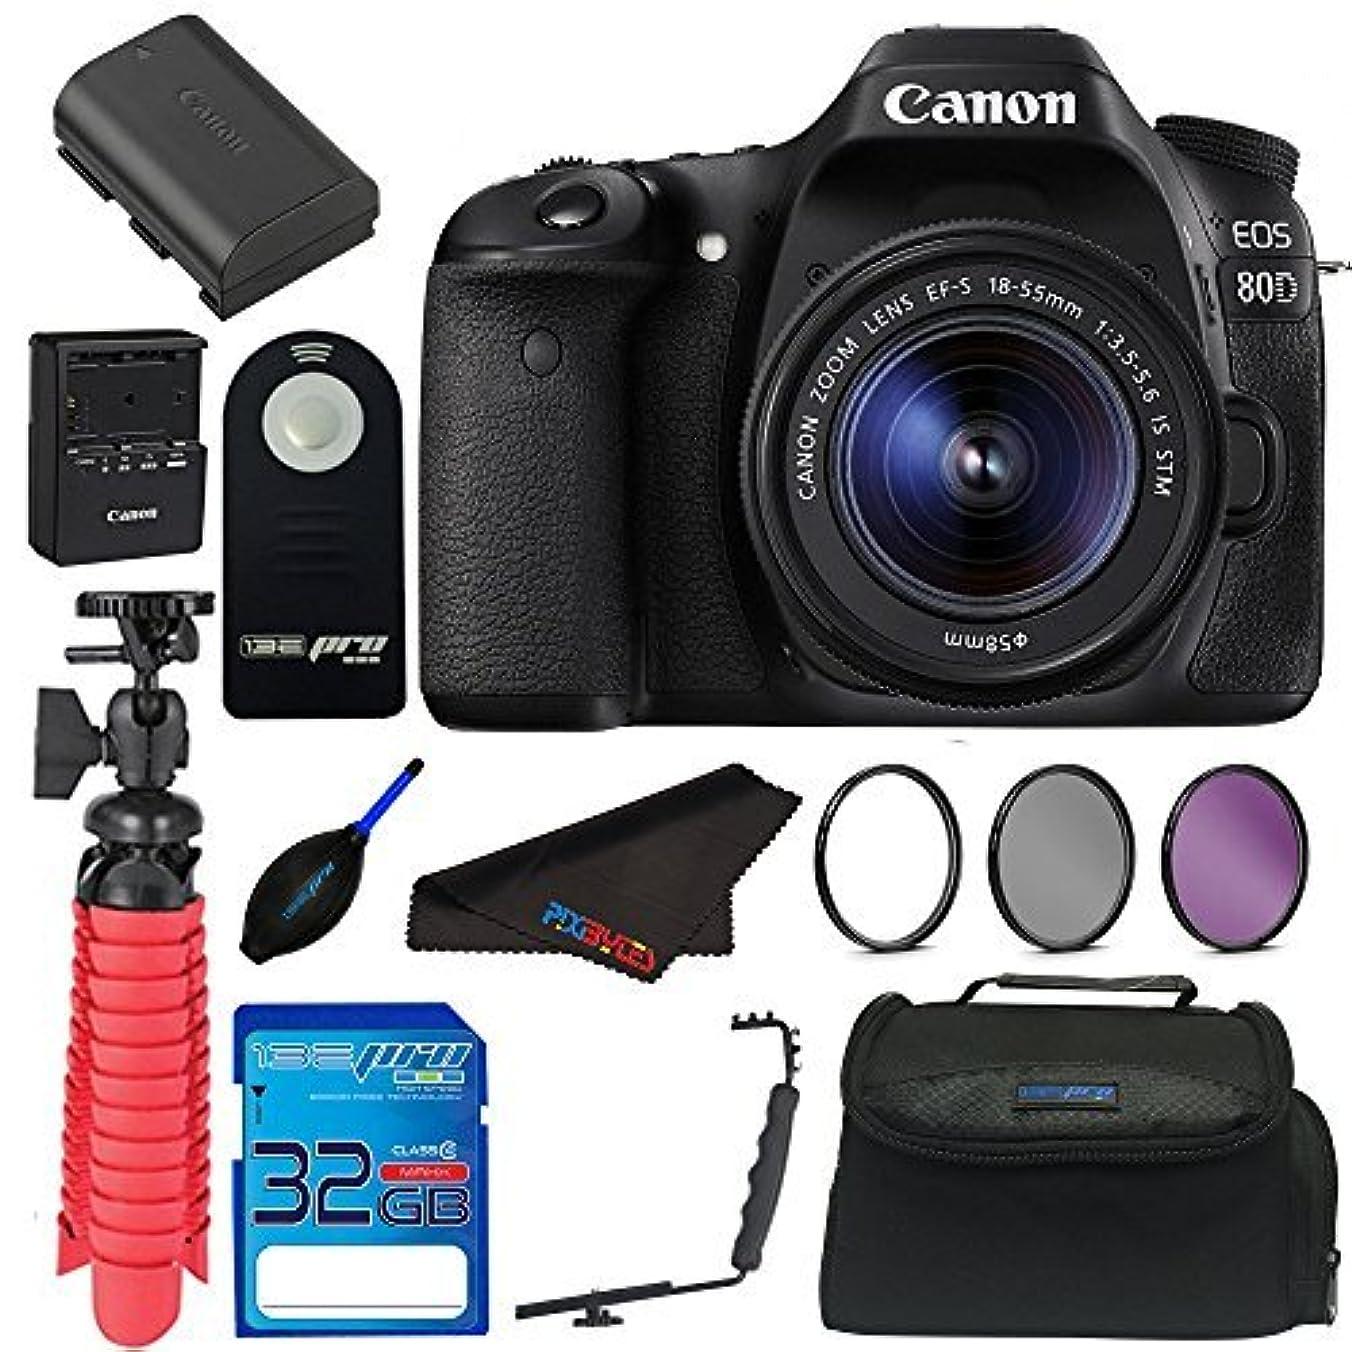 怖い飢え抵抗力があるCanon EOS 80D Digital SLR Kit with EF-S 18-55mm Lens (Black) + Elements Accessory Bundle [並行輸入品]